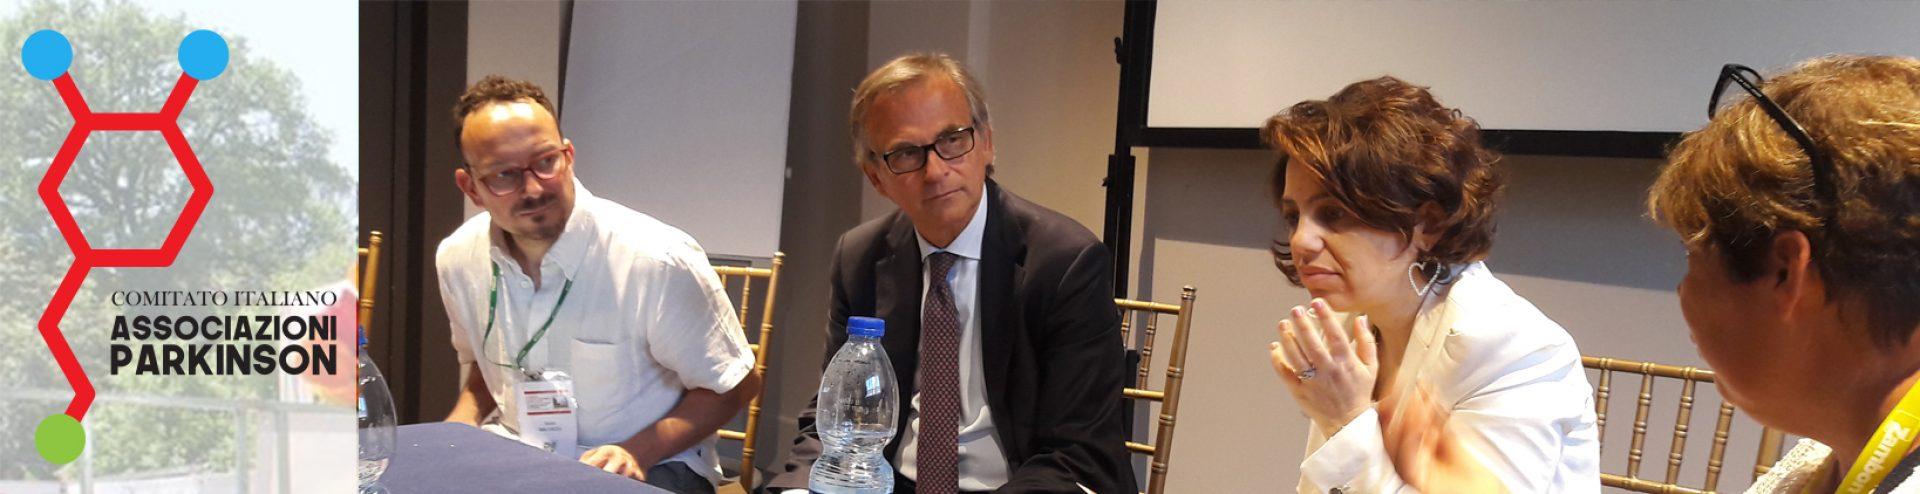 Comitato Italiano Associazioni Parkinson